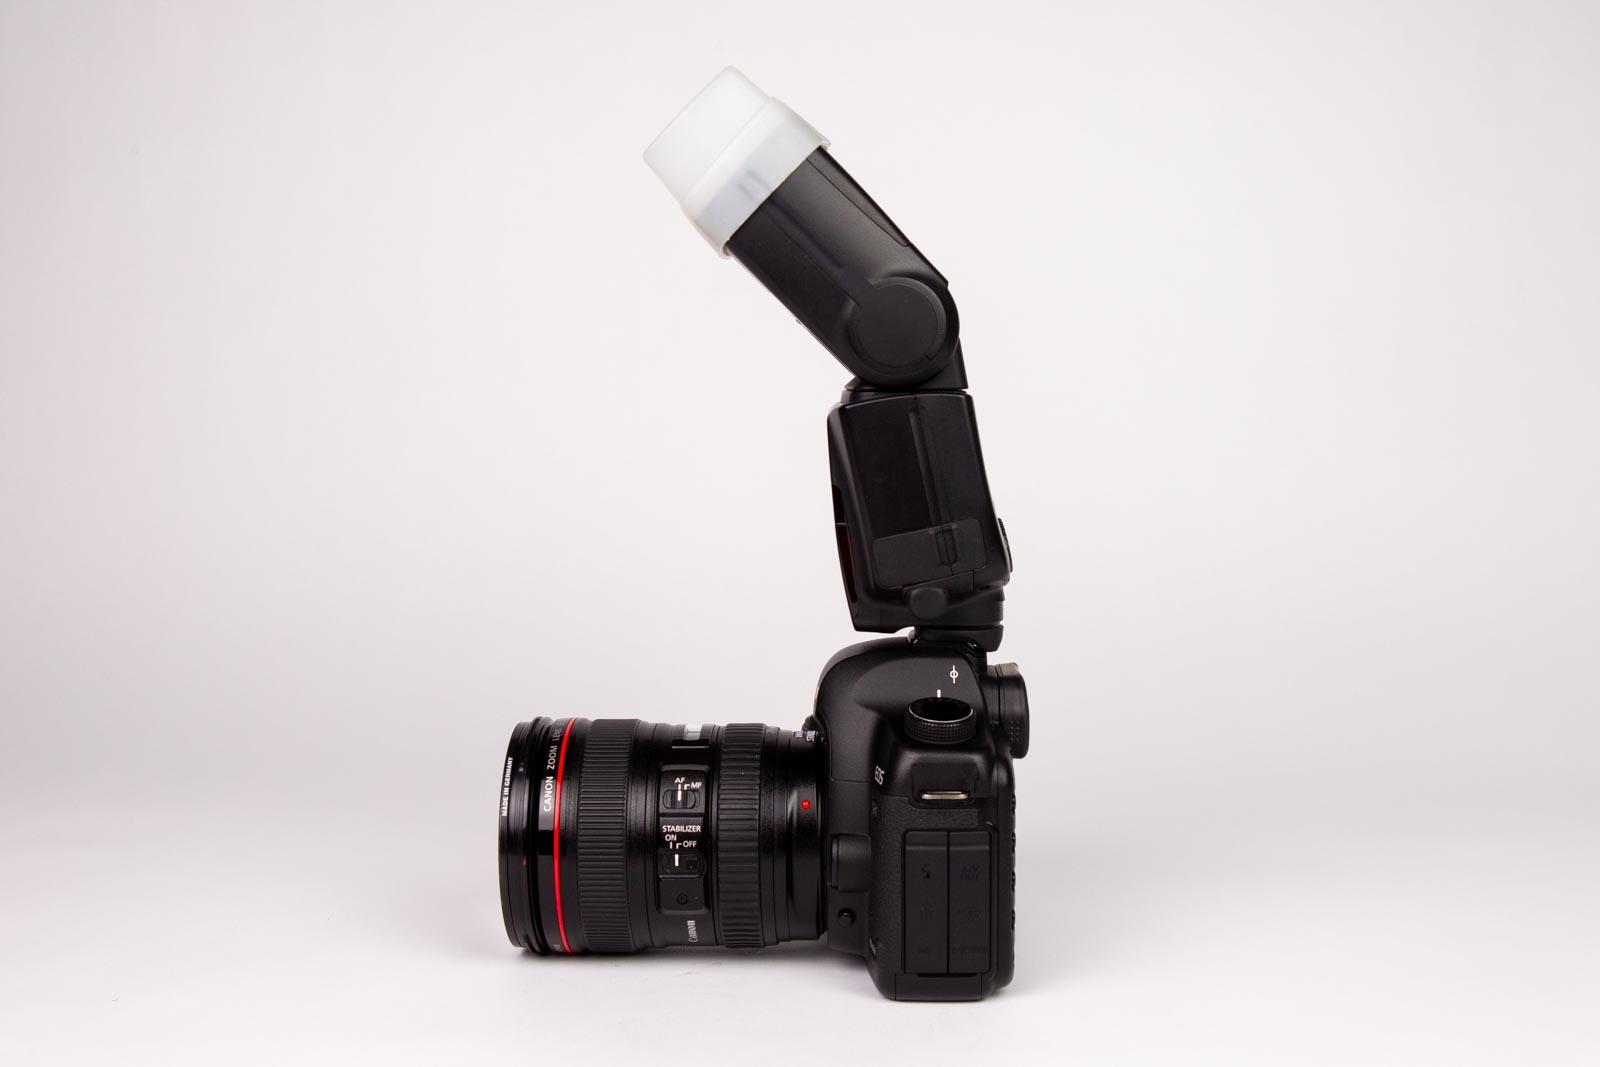 Externe flitser op een camera gekanteld met omnibounce